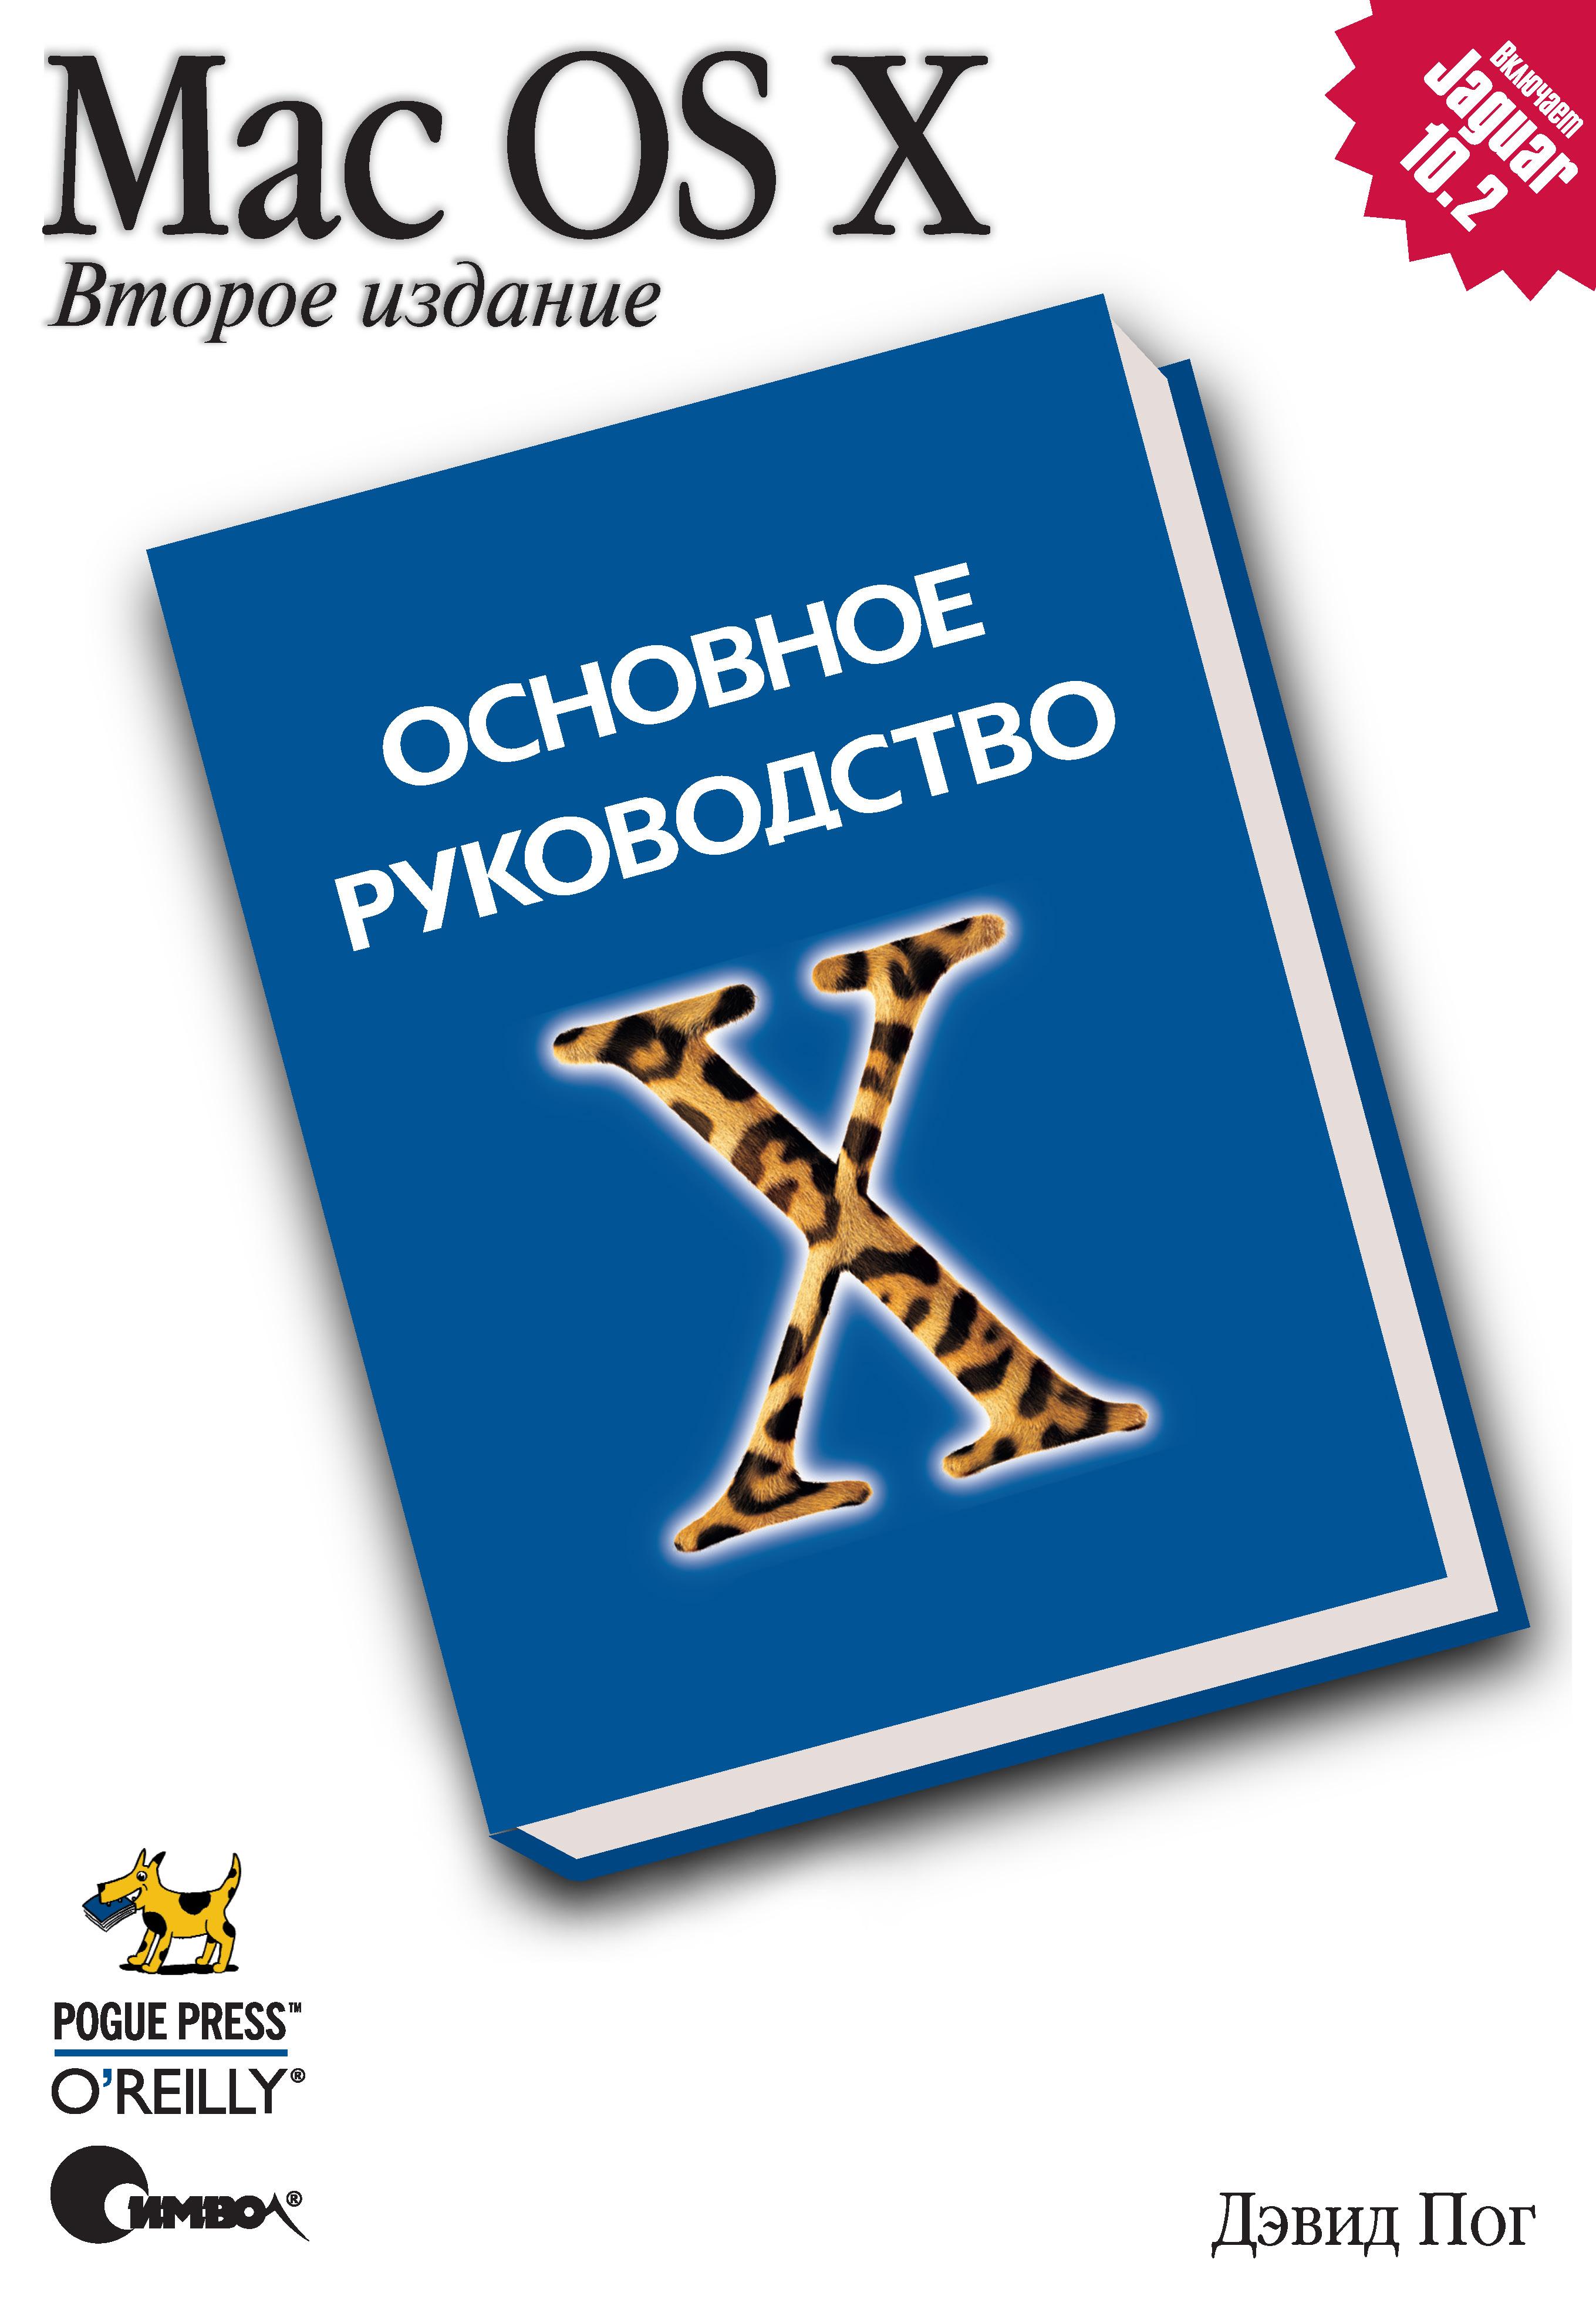 Дэвид Пог Mac OS X. Основное руководство. 2-е издание дэвид пог mac os x leopard основное руководство